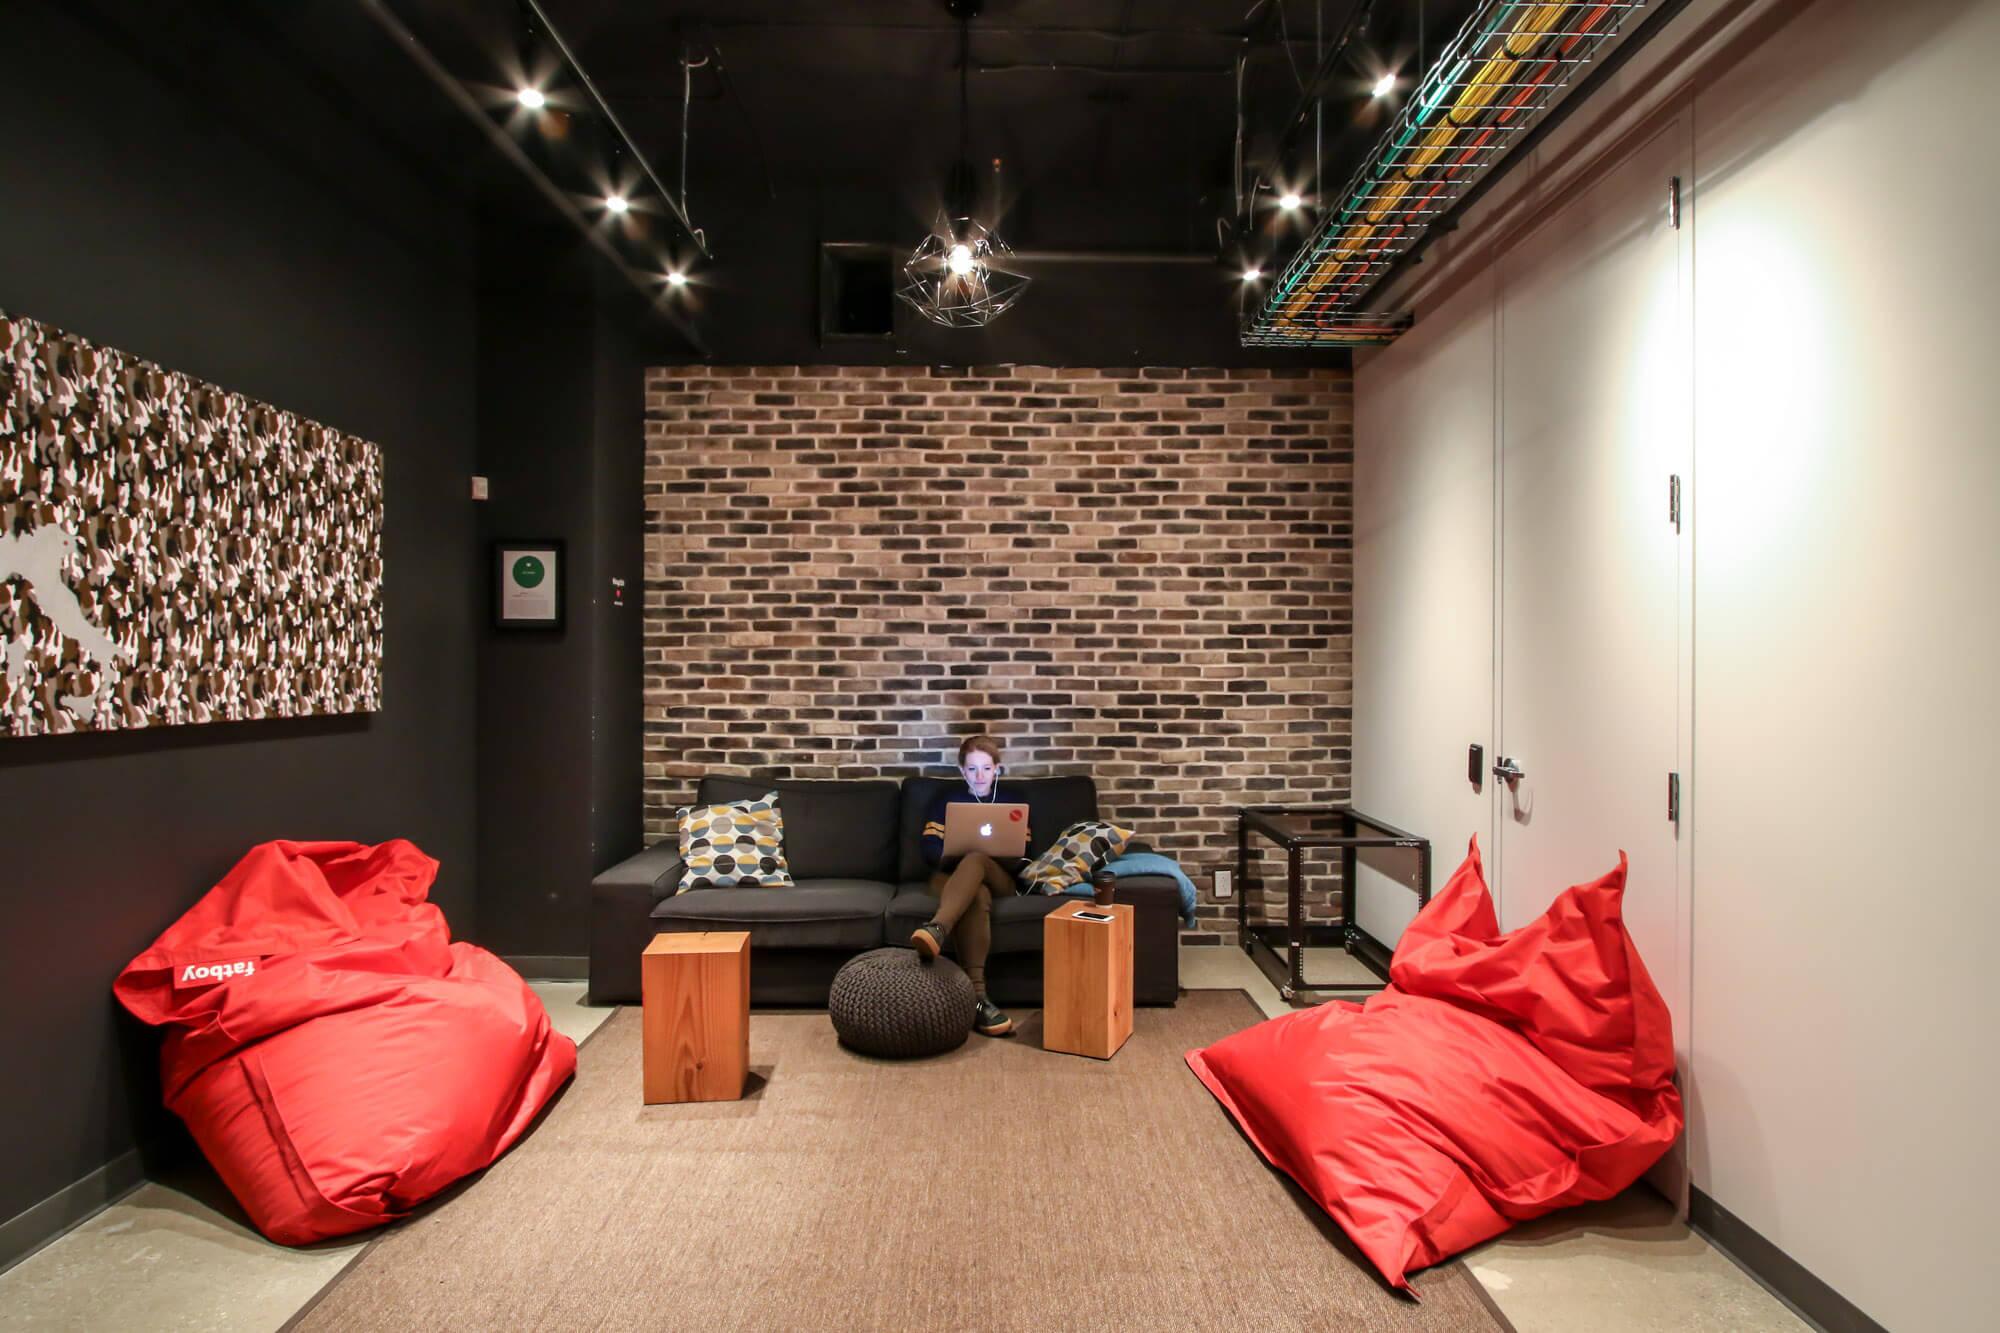 Varagesale Office Killer Spaces-8